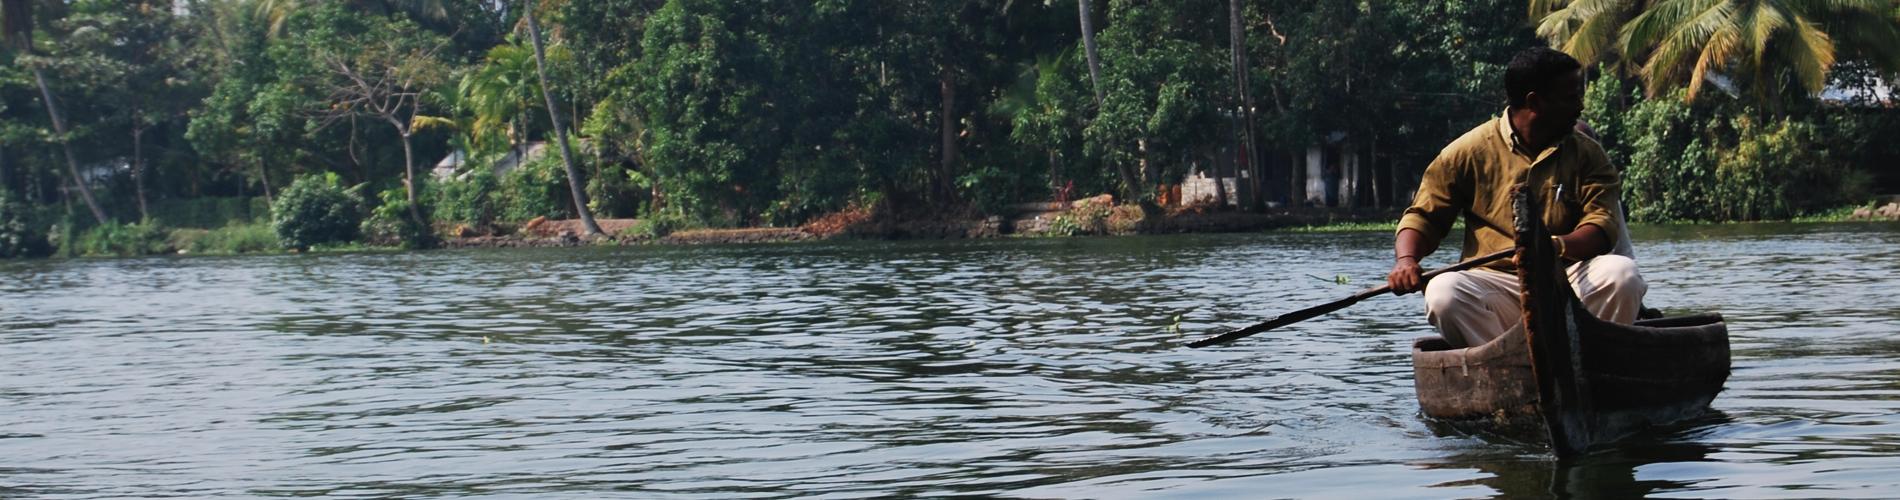 Kerala_Boat copy